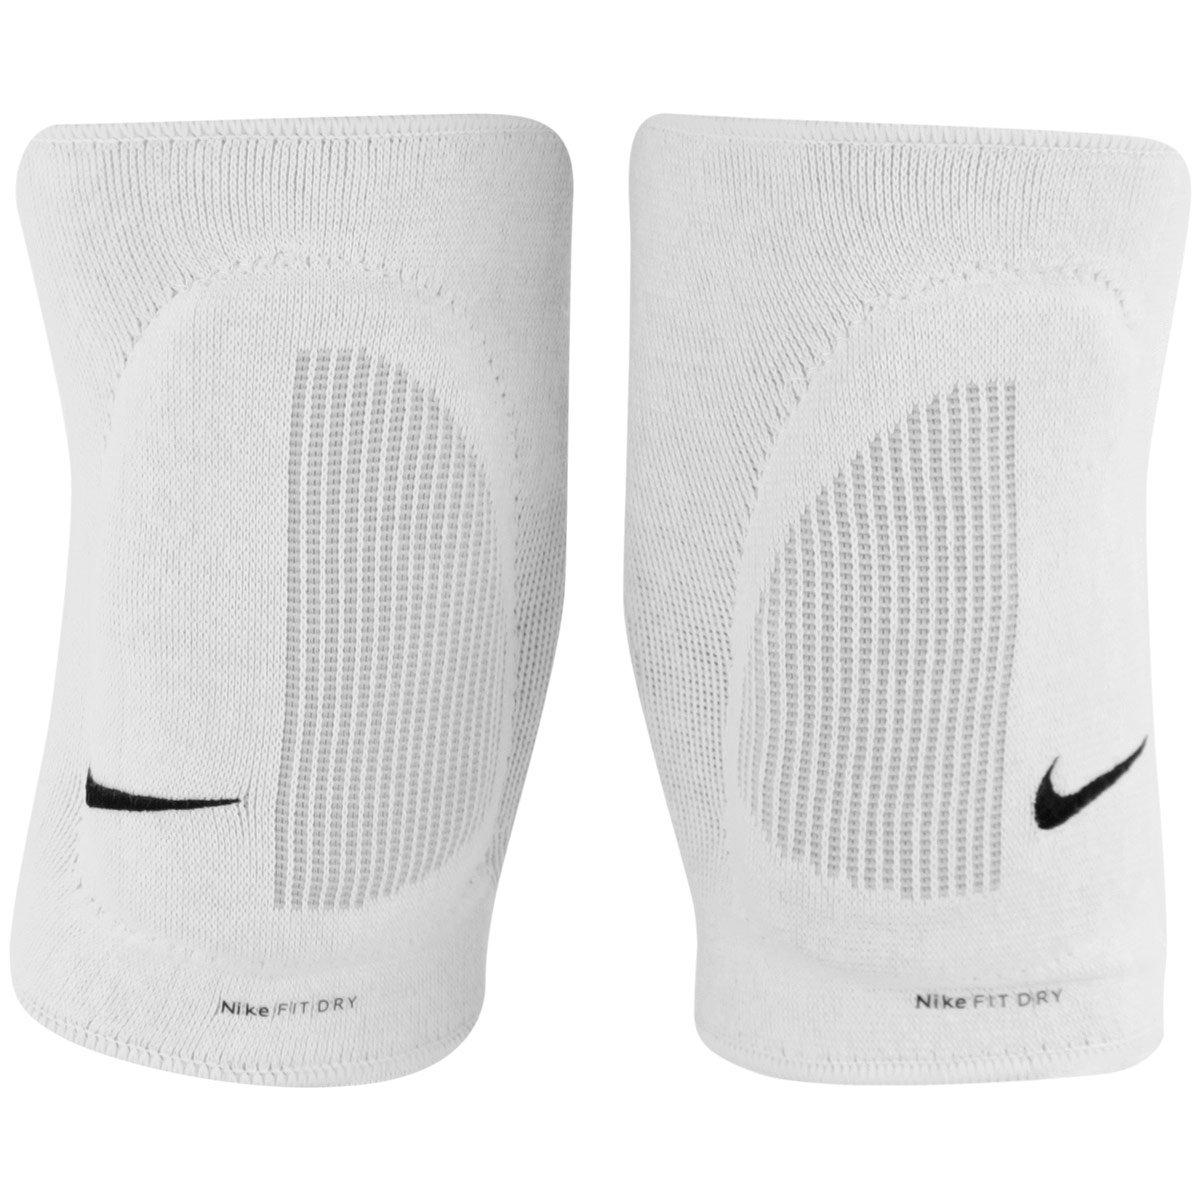 faf7c6704 Joelheira Nike Fit Dry Skinny - Compre Agora